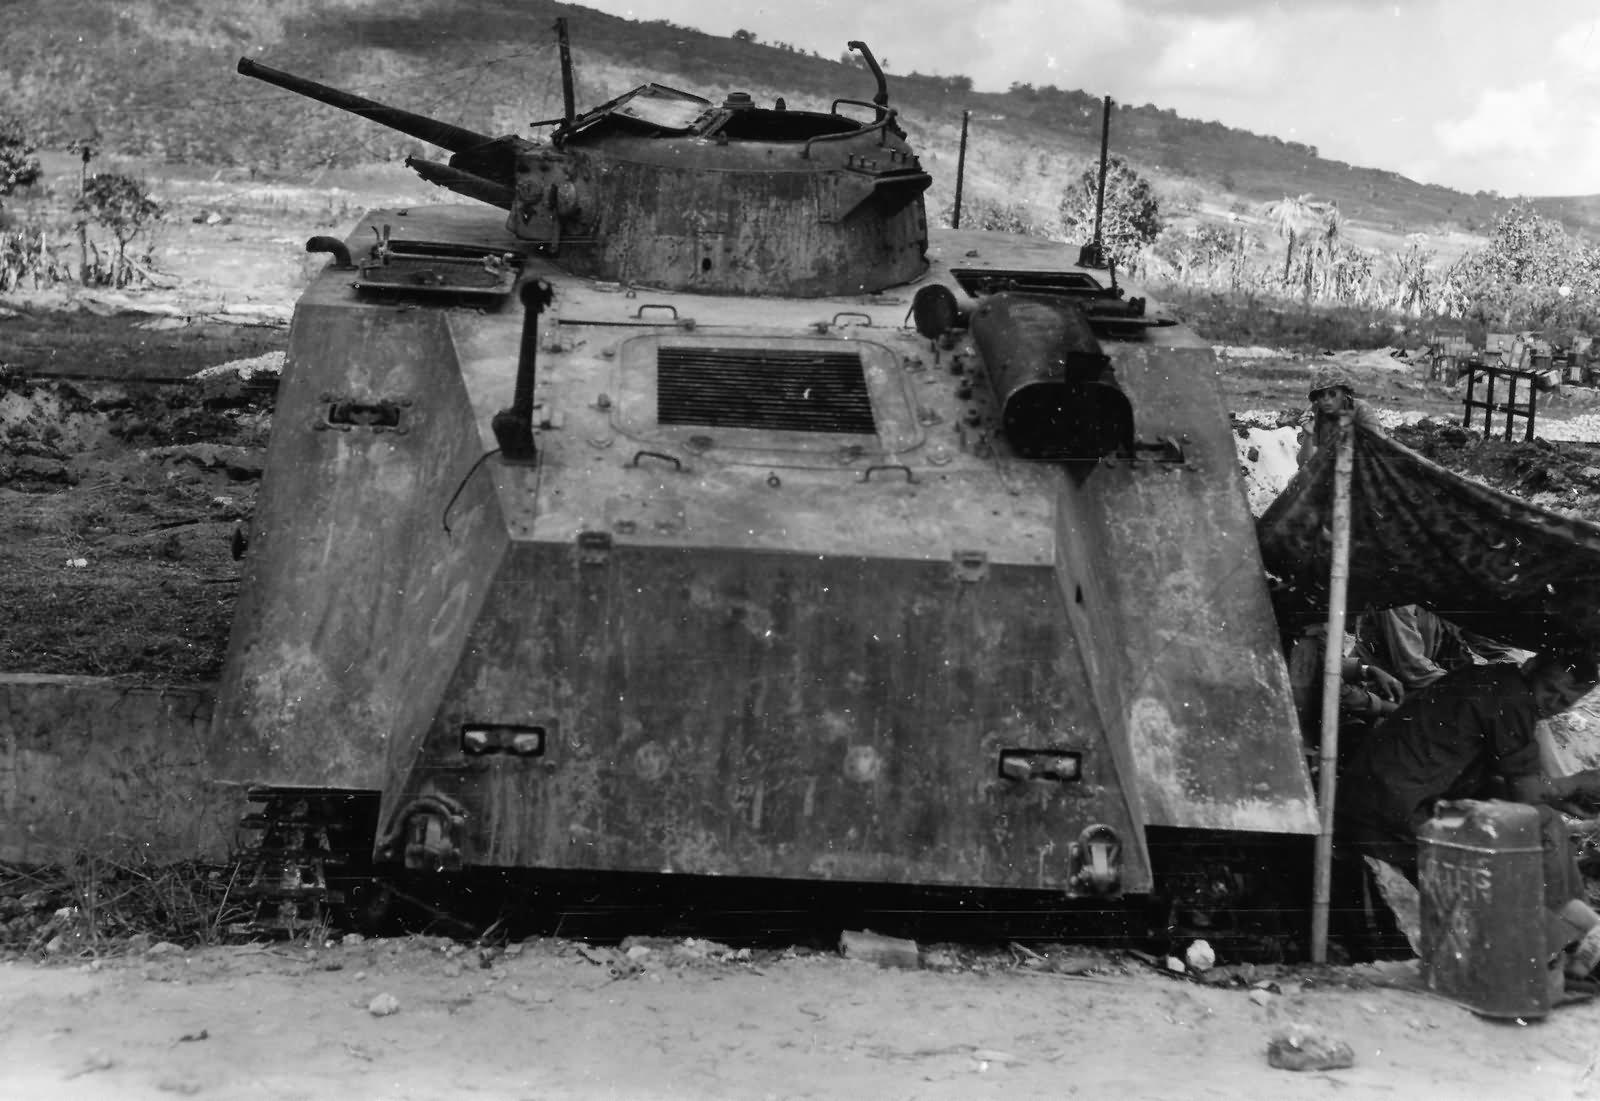 Japanese 1st Yokosuka SNLF Type 2 Ka Mi Amphibious Tank Rear View Saipan